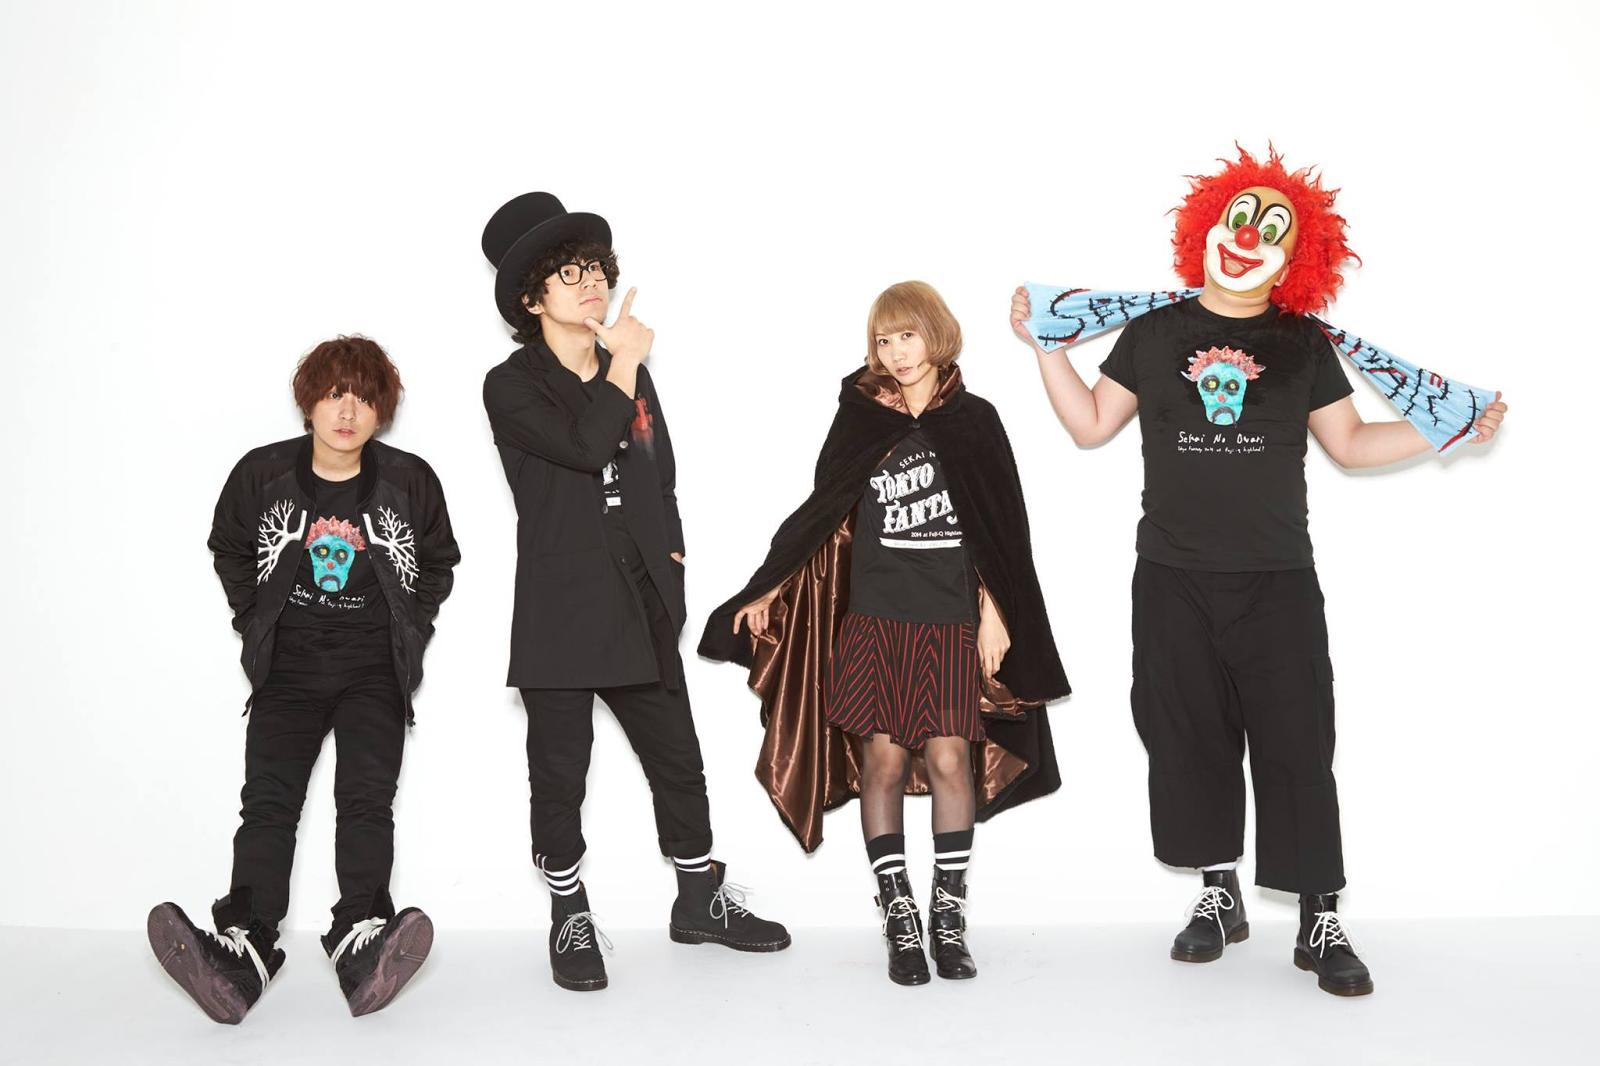 ペラペラな楽曲を日本にバラ撒く困った人間性のグループを徹底比較